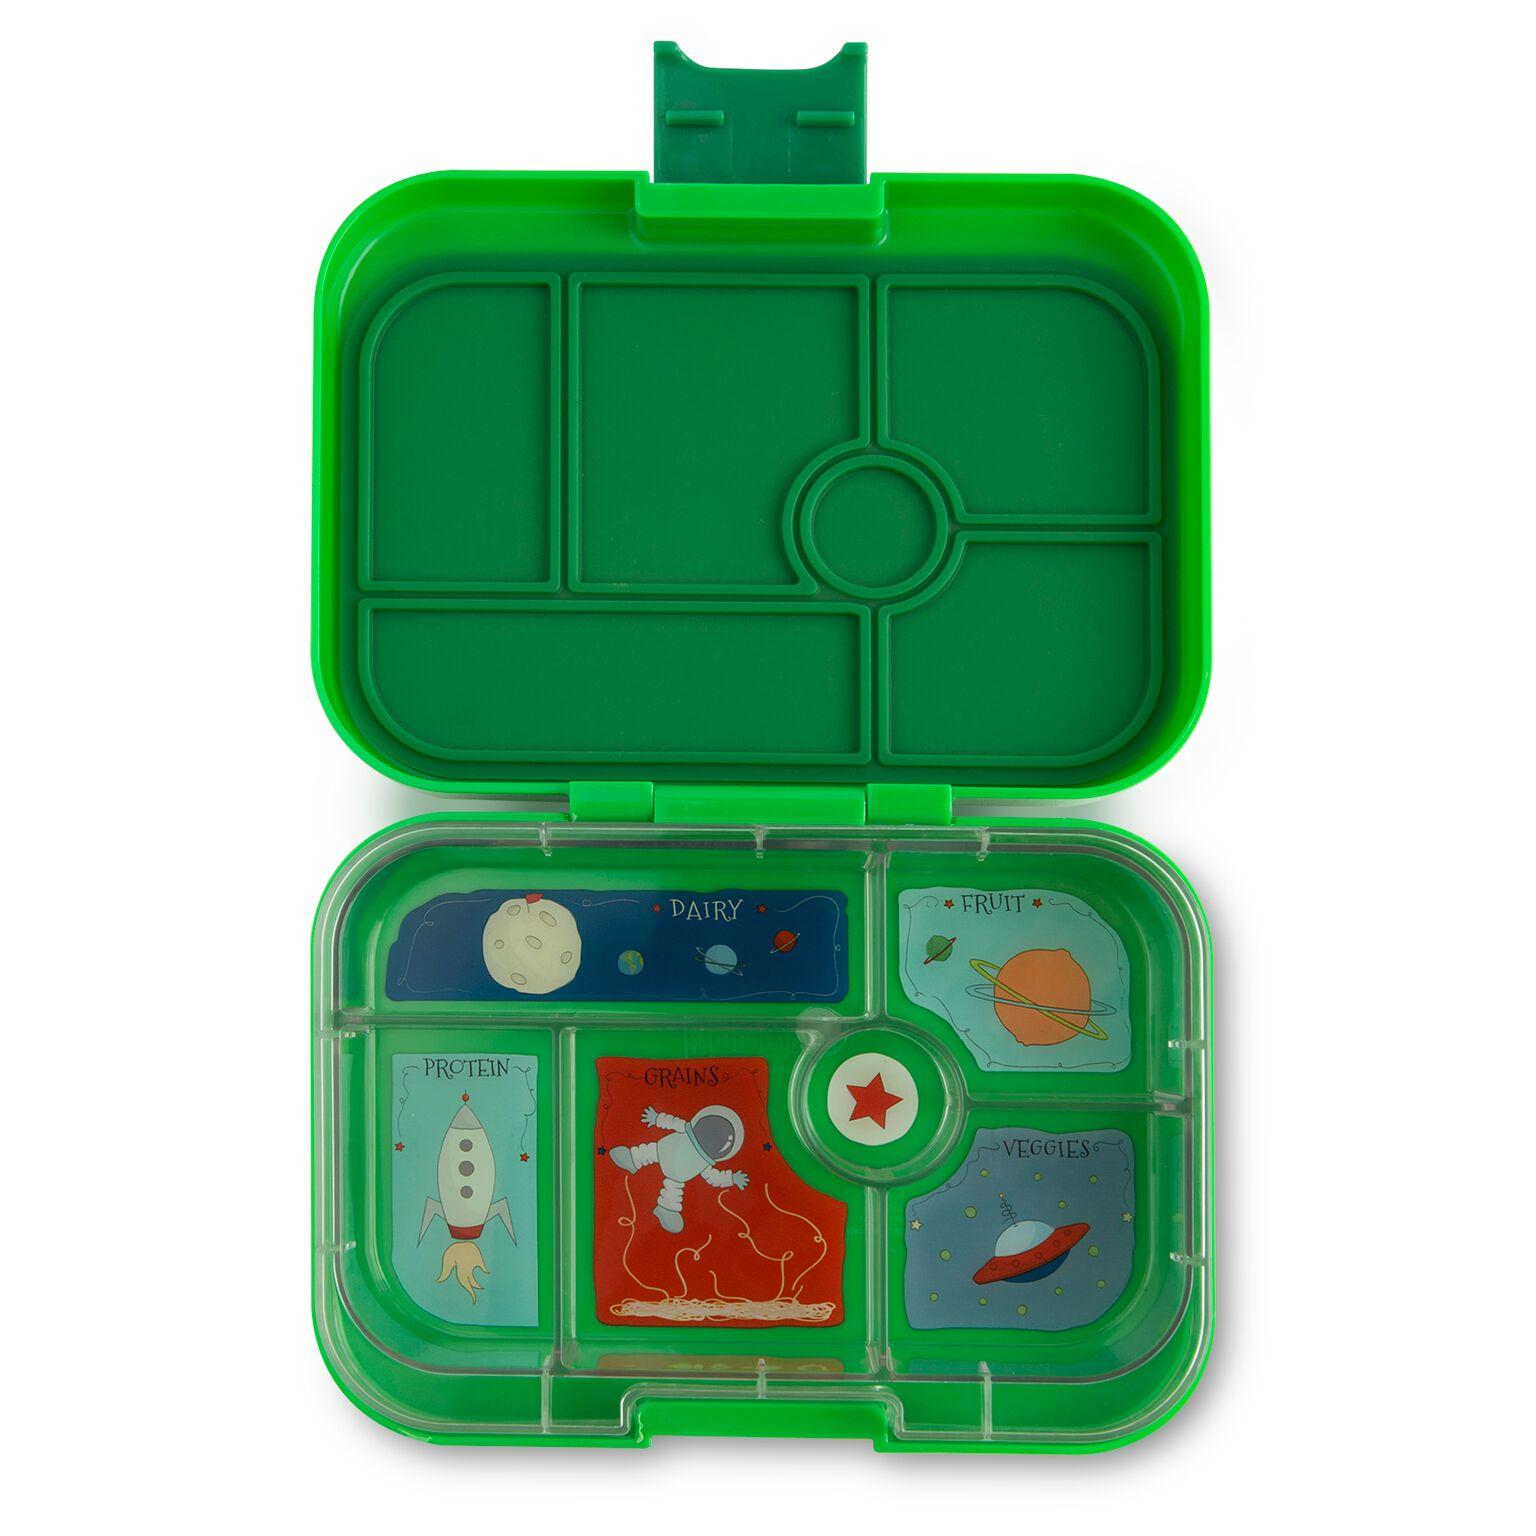 Groene Yumbox bentobox, Terra Green Classic